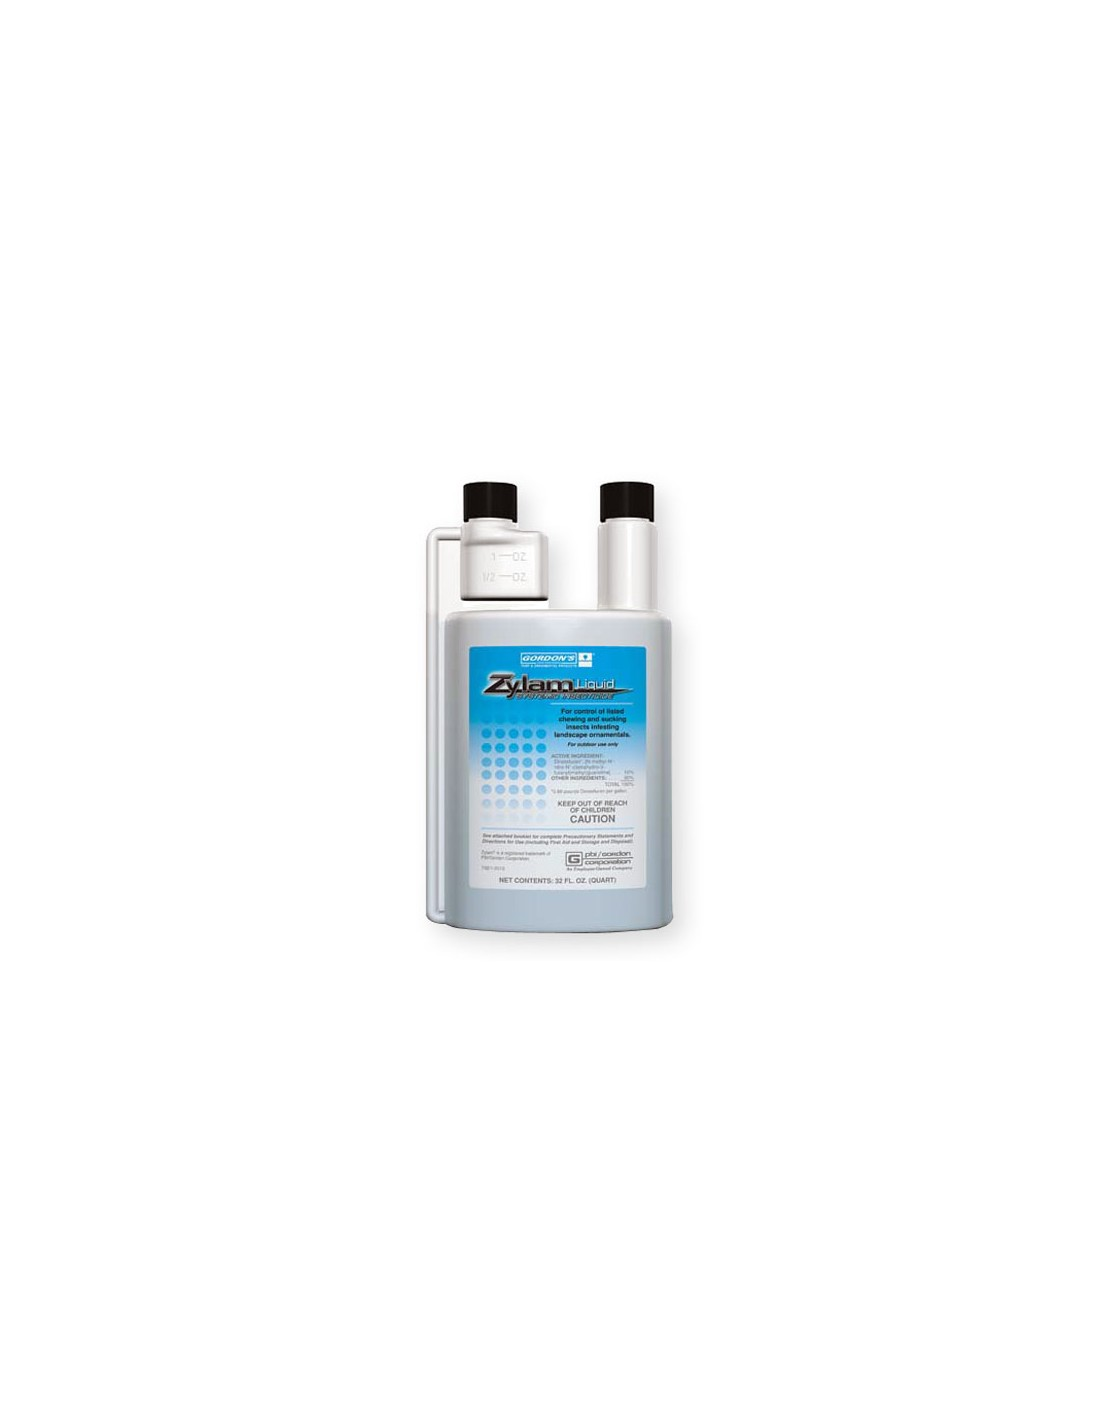 I used zylam on my trees how many treatment do i need to do